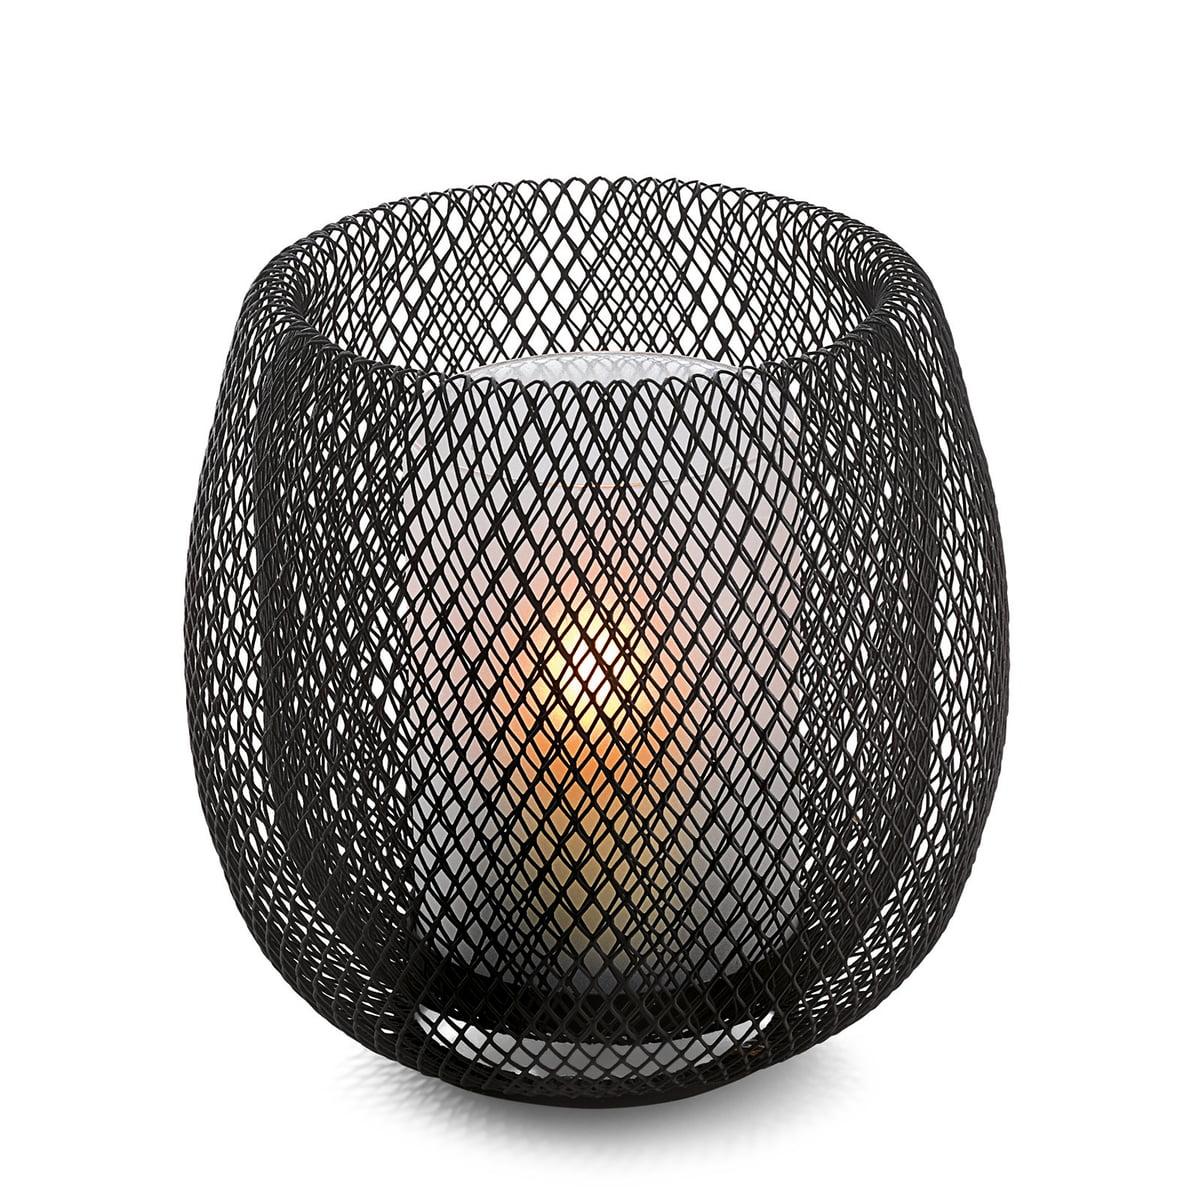 Philippi Design Philippi - Mesh Windlicht, schwarz | Dekoration > Kerzen und Kerzenständer > Windlichter | Schwarz | Philippi Design